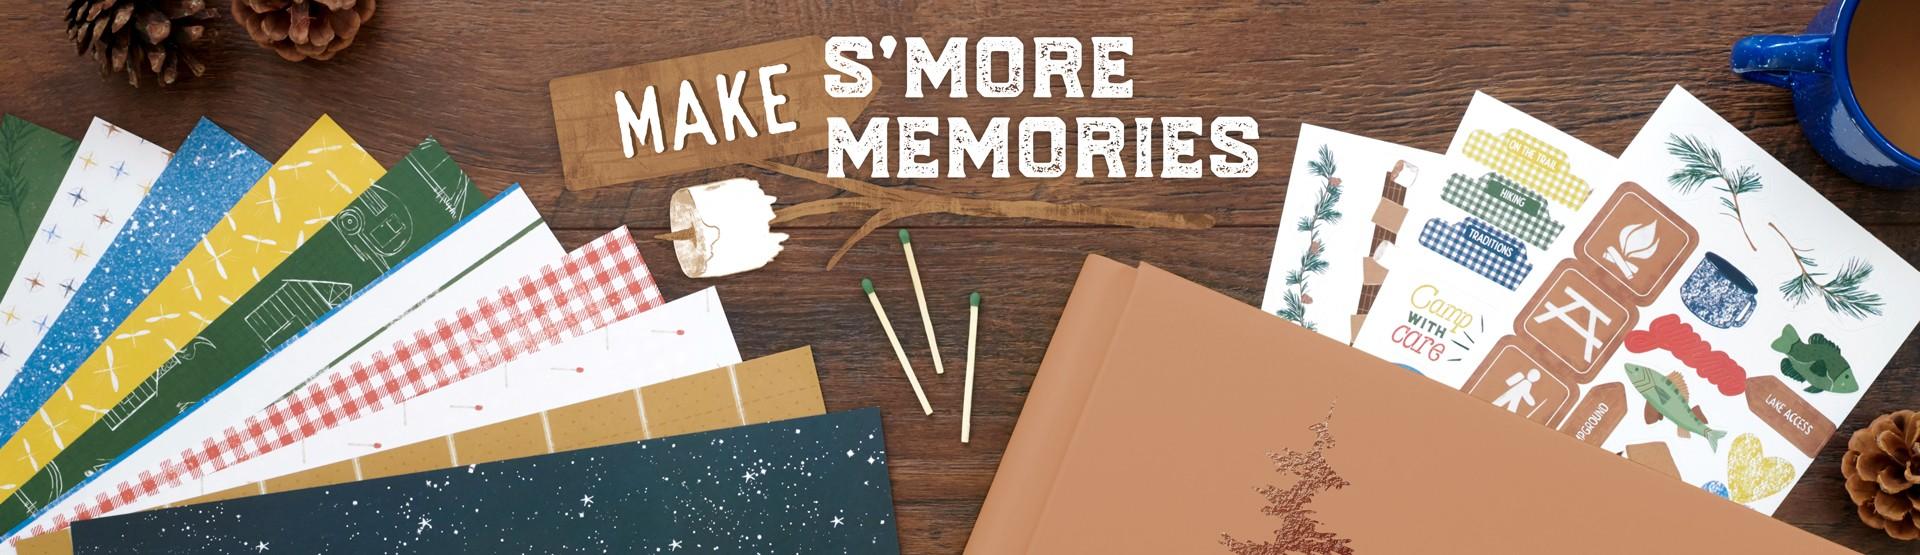 Camping: S'more Memories